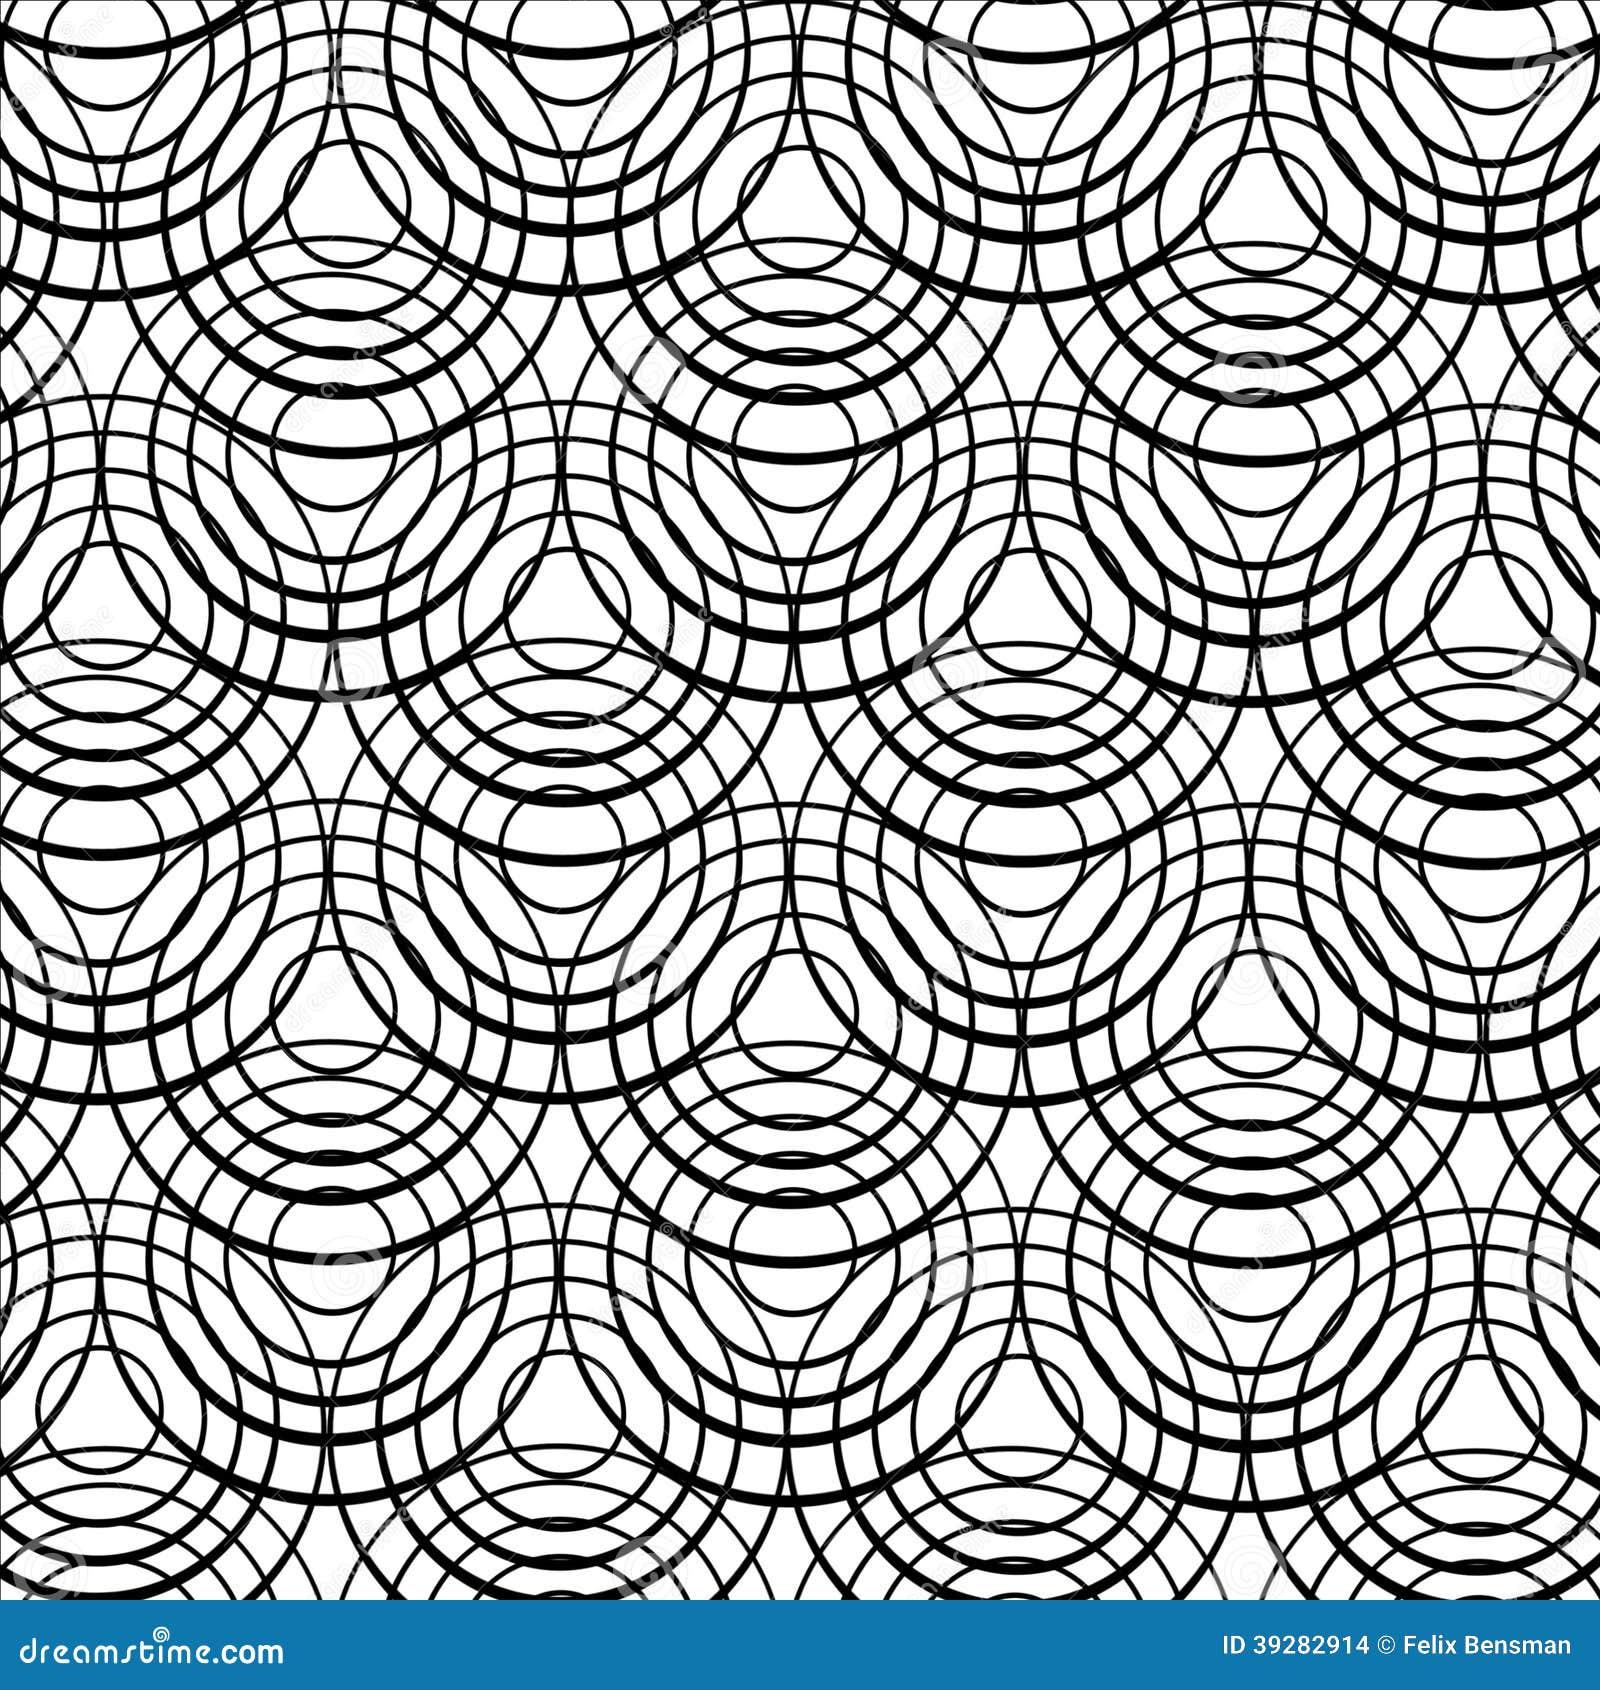 Anéis pretos concêntricos